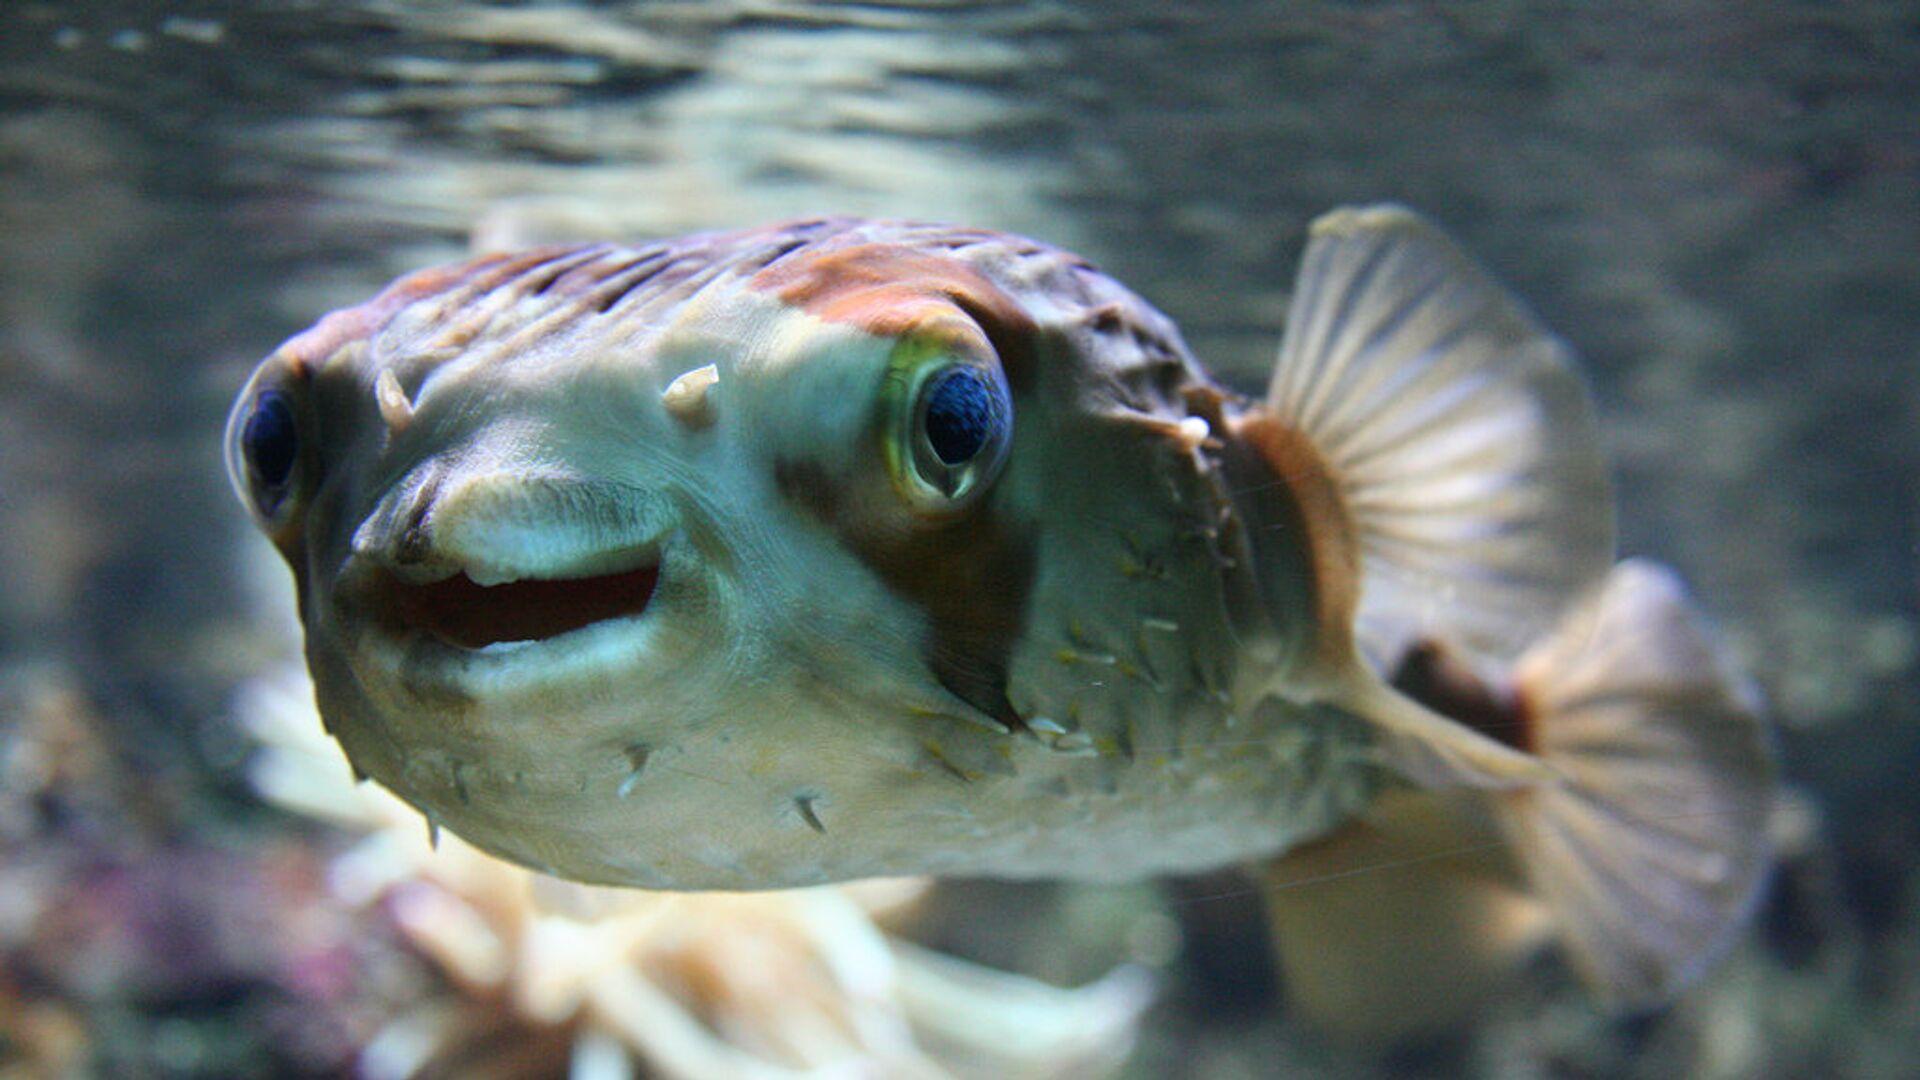 Ученый объяснил появление ядовитой рыбы фугу в Средиземном море